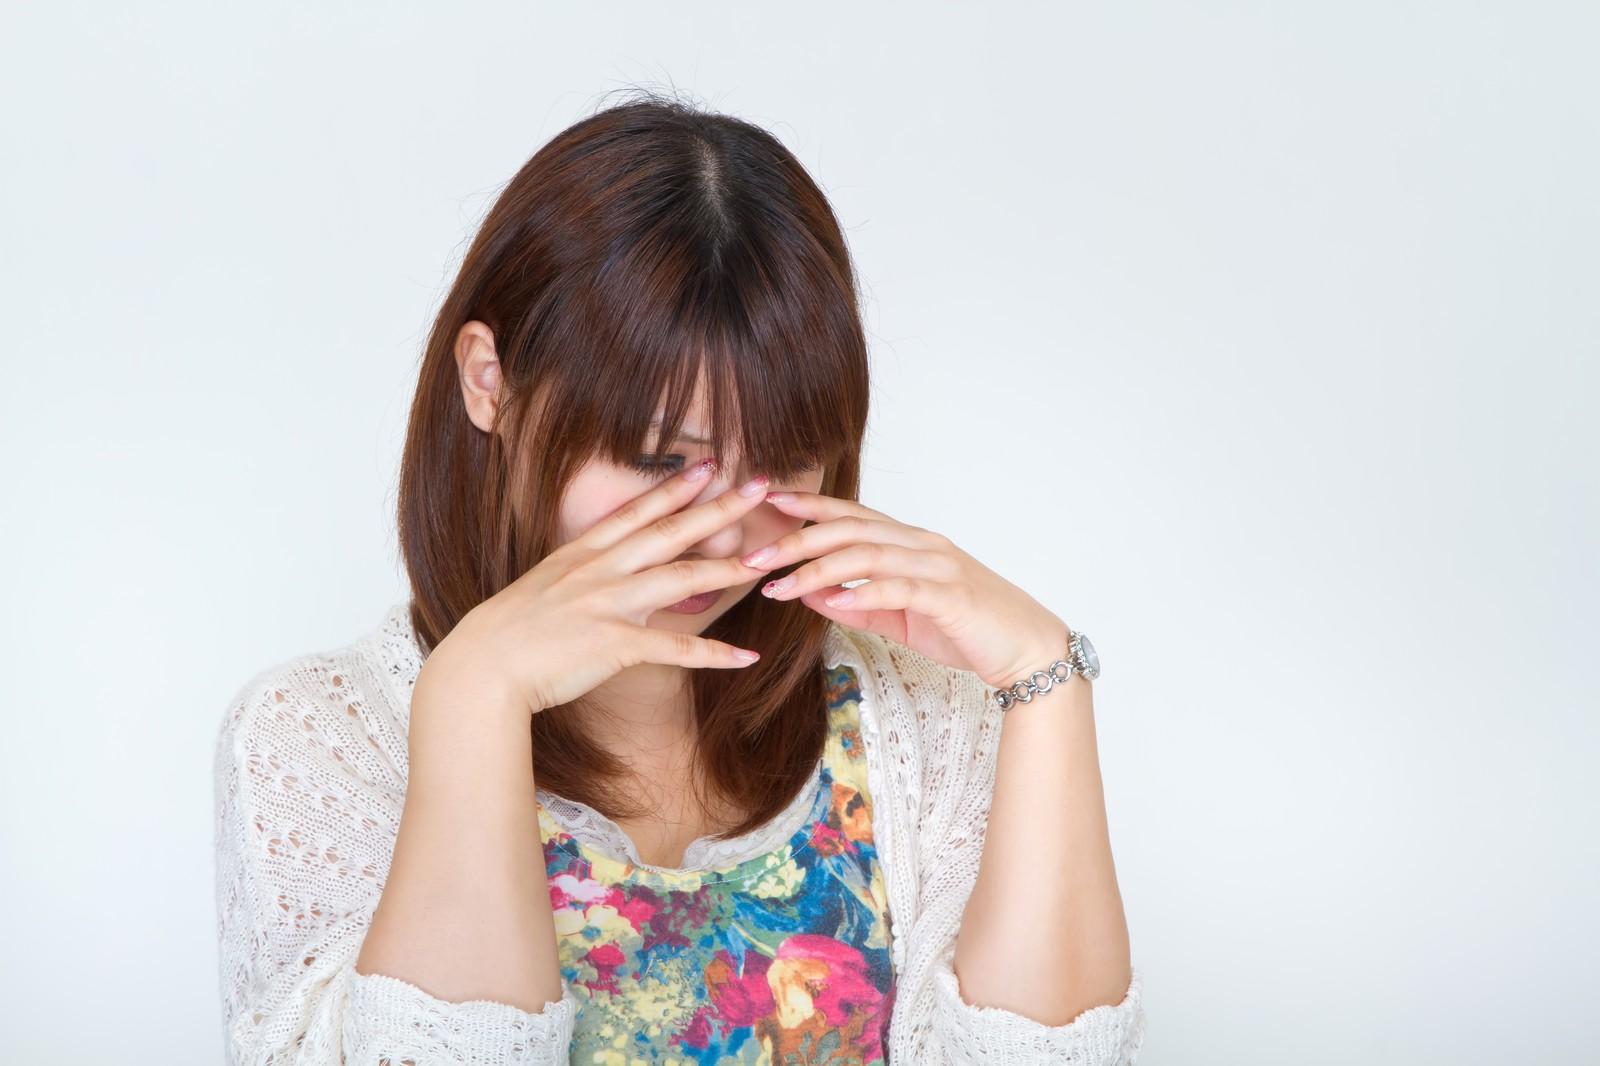 セシール脱毛用ブライズワックスを利用して失敗した、女性の体験談